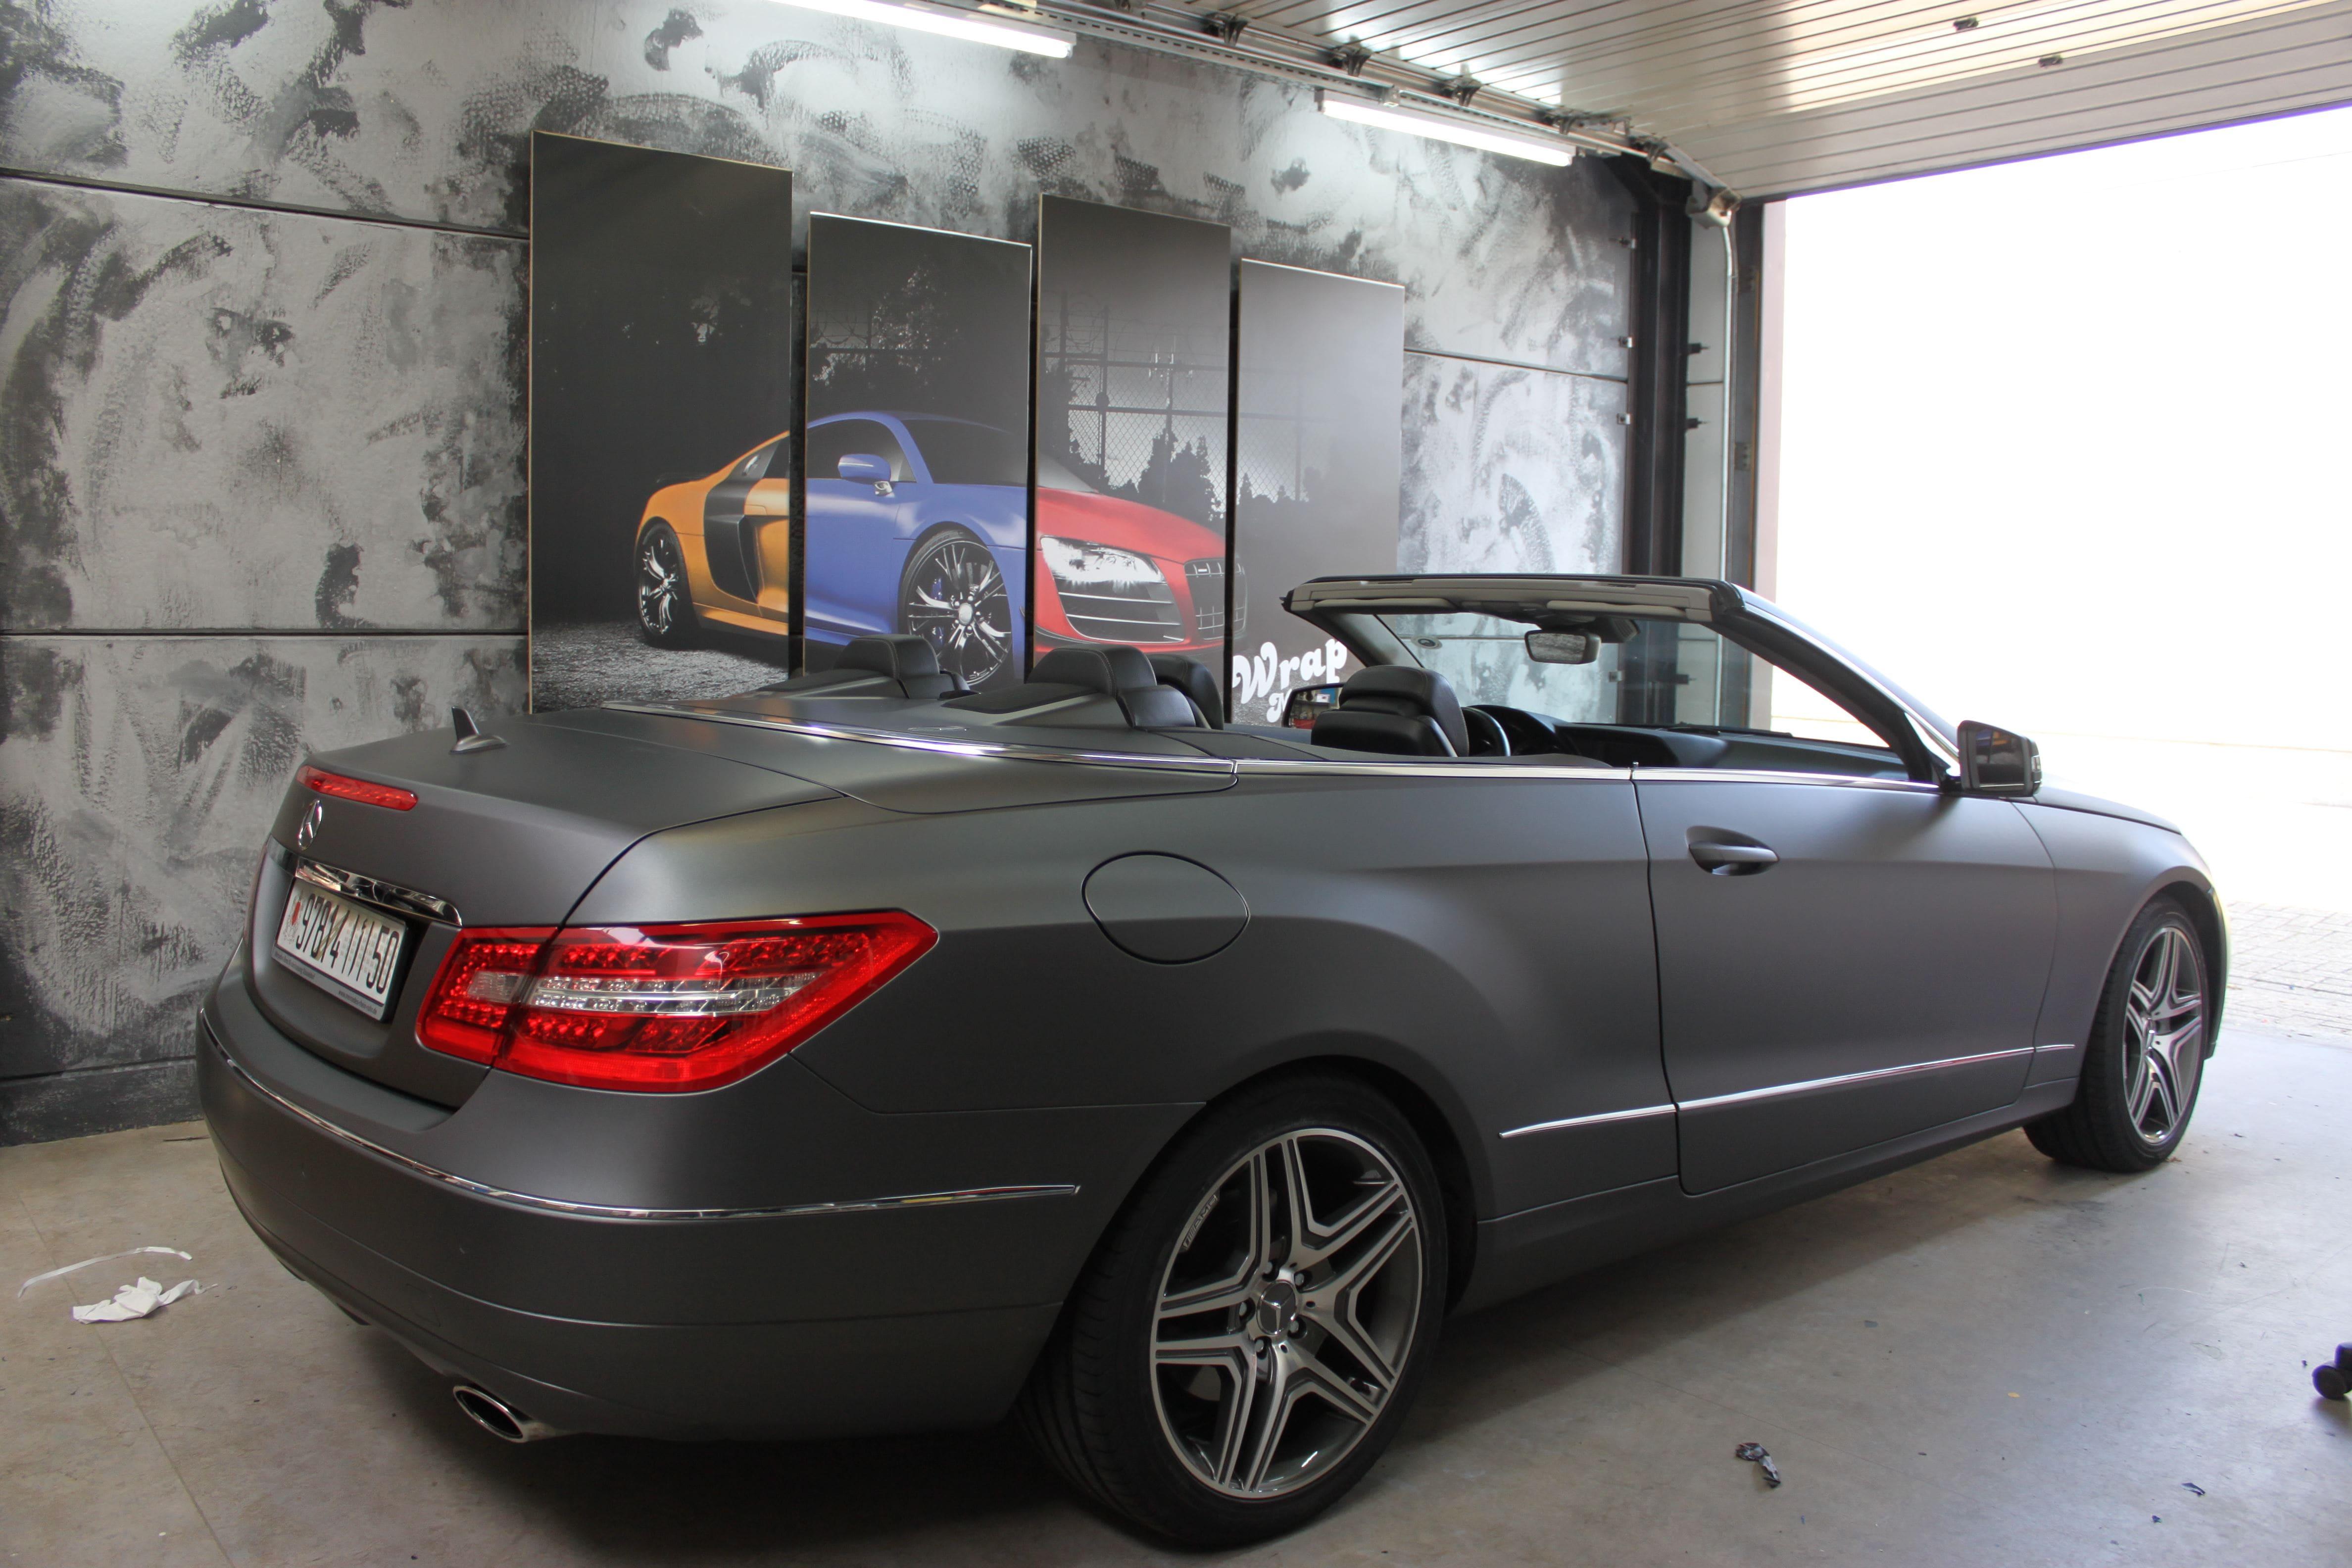 Mercedes E-Klasse Cabrio met Gunpowder Wrap, Carwrapping door Wrapmyride.nu Foto-nr:6250, ©2020